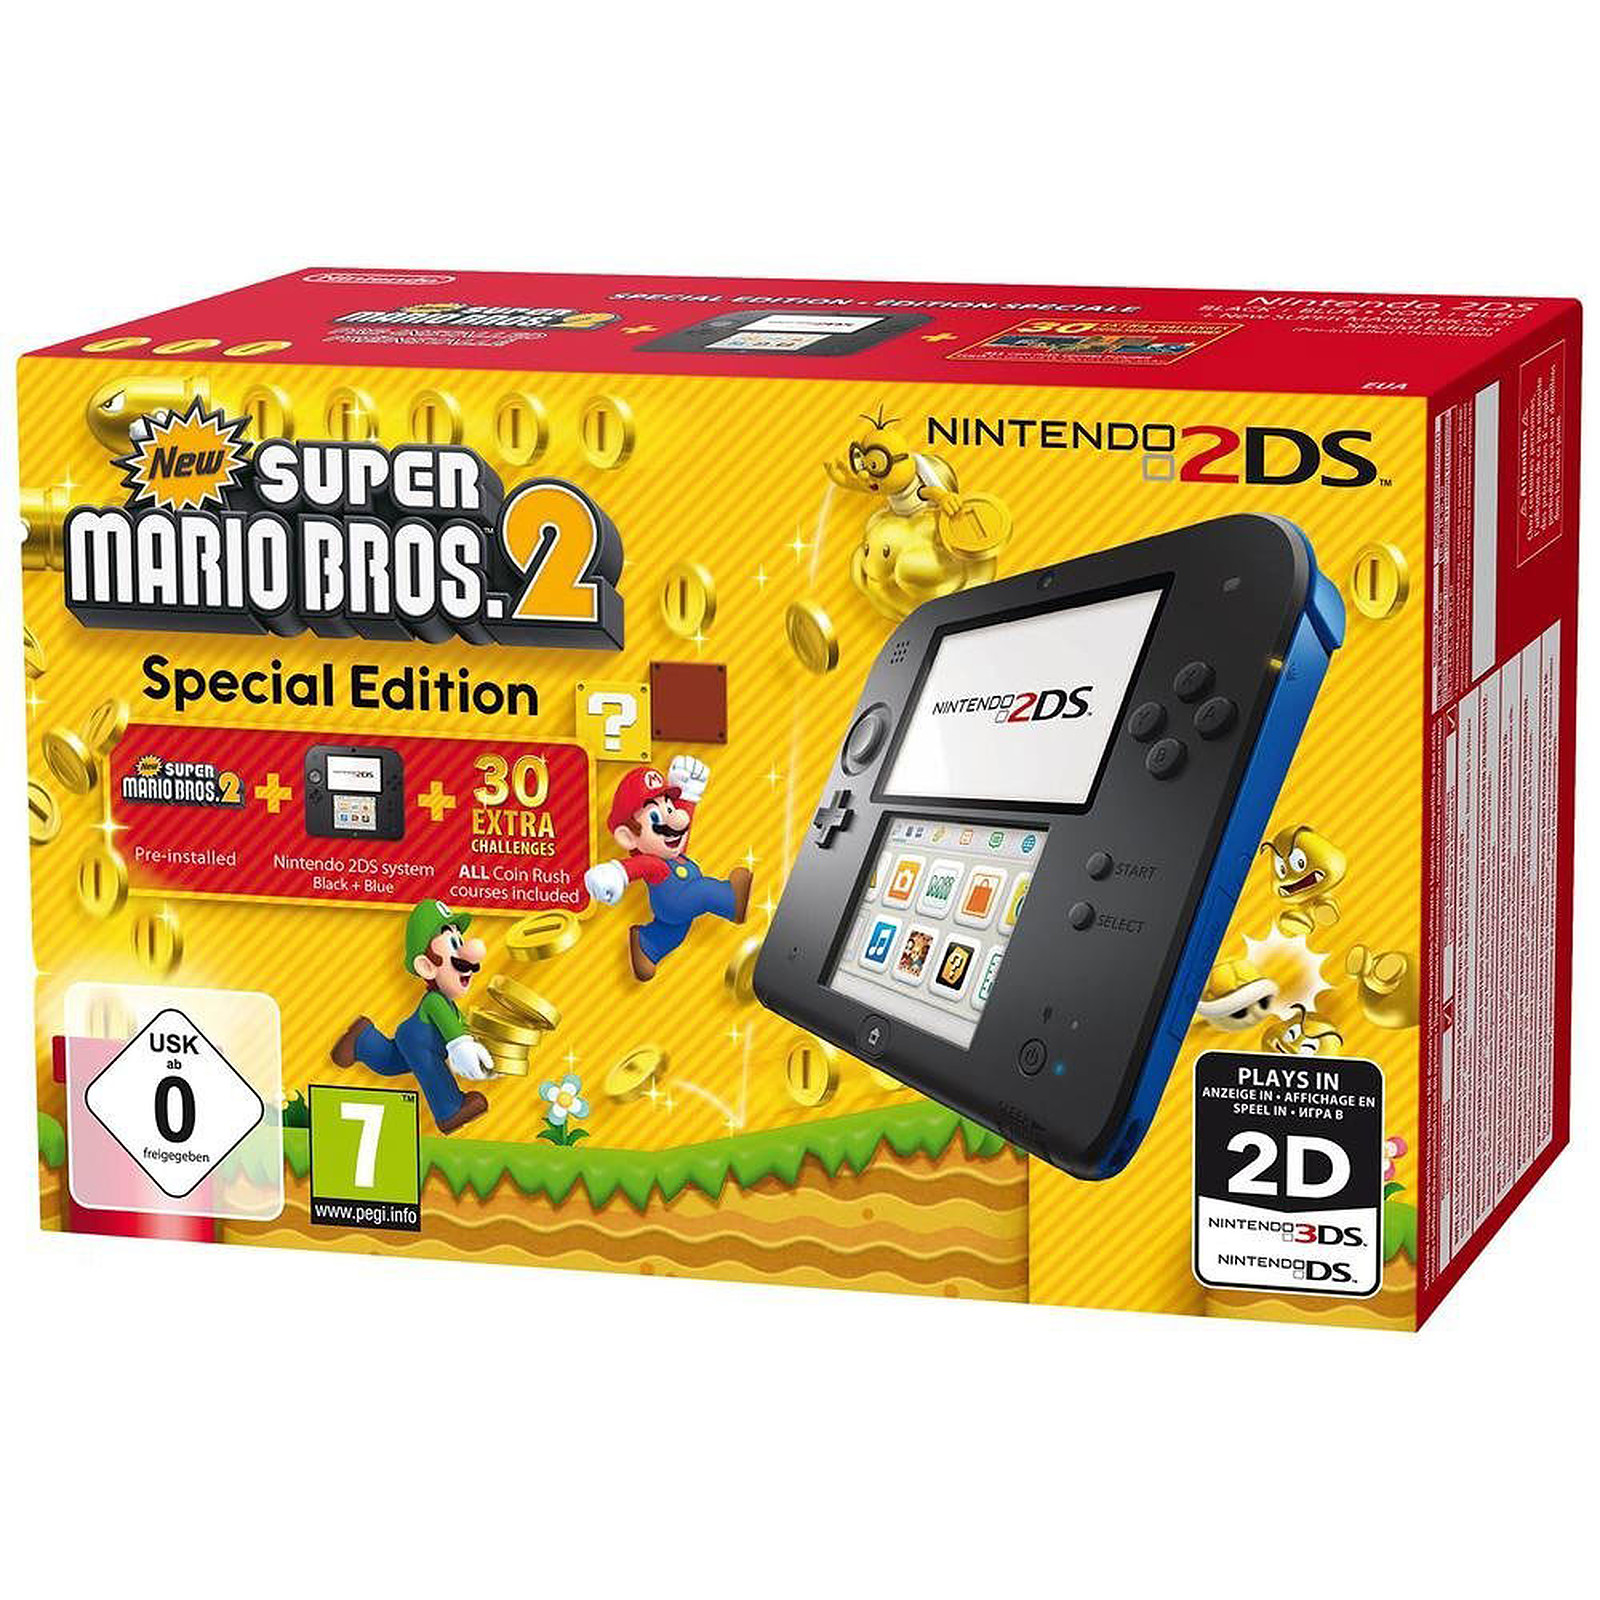 Nintendo 2DS Negro / Azule + New Super Mario Bros. 2